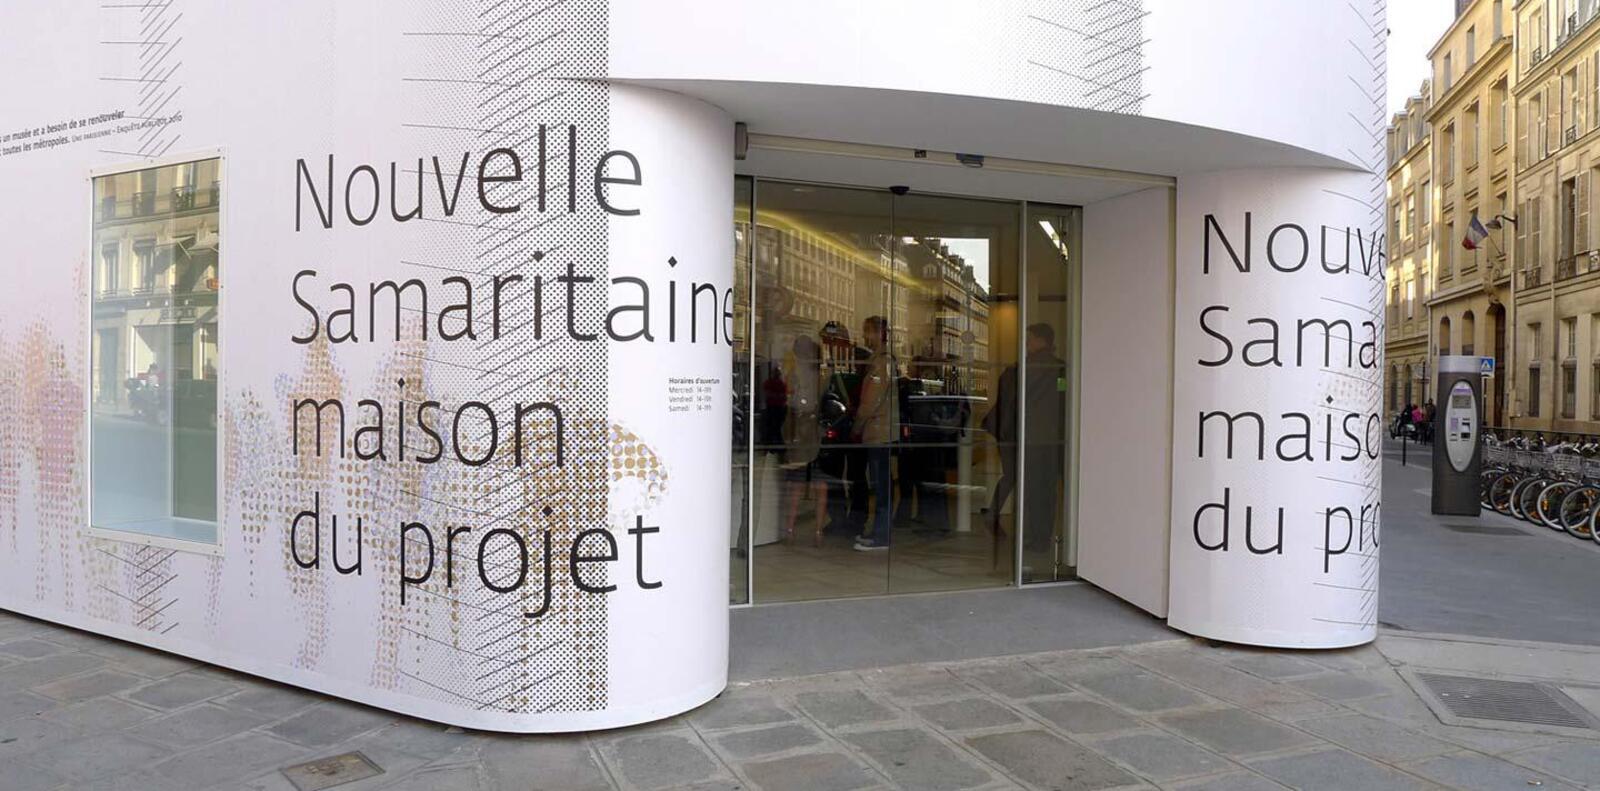 Maison de la nouvelle samaritaine sanaa maison du projet - La maison du sourcil ...